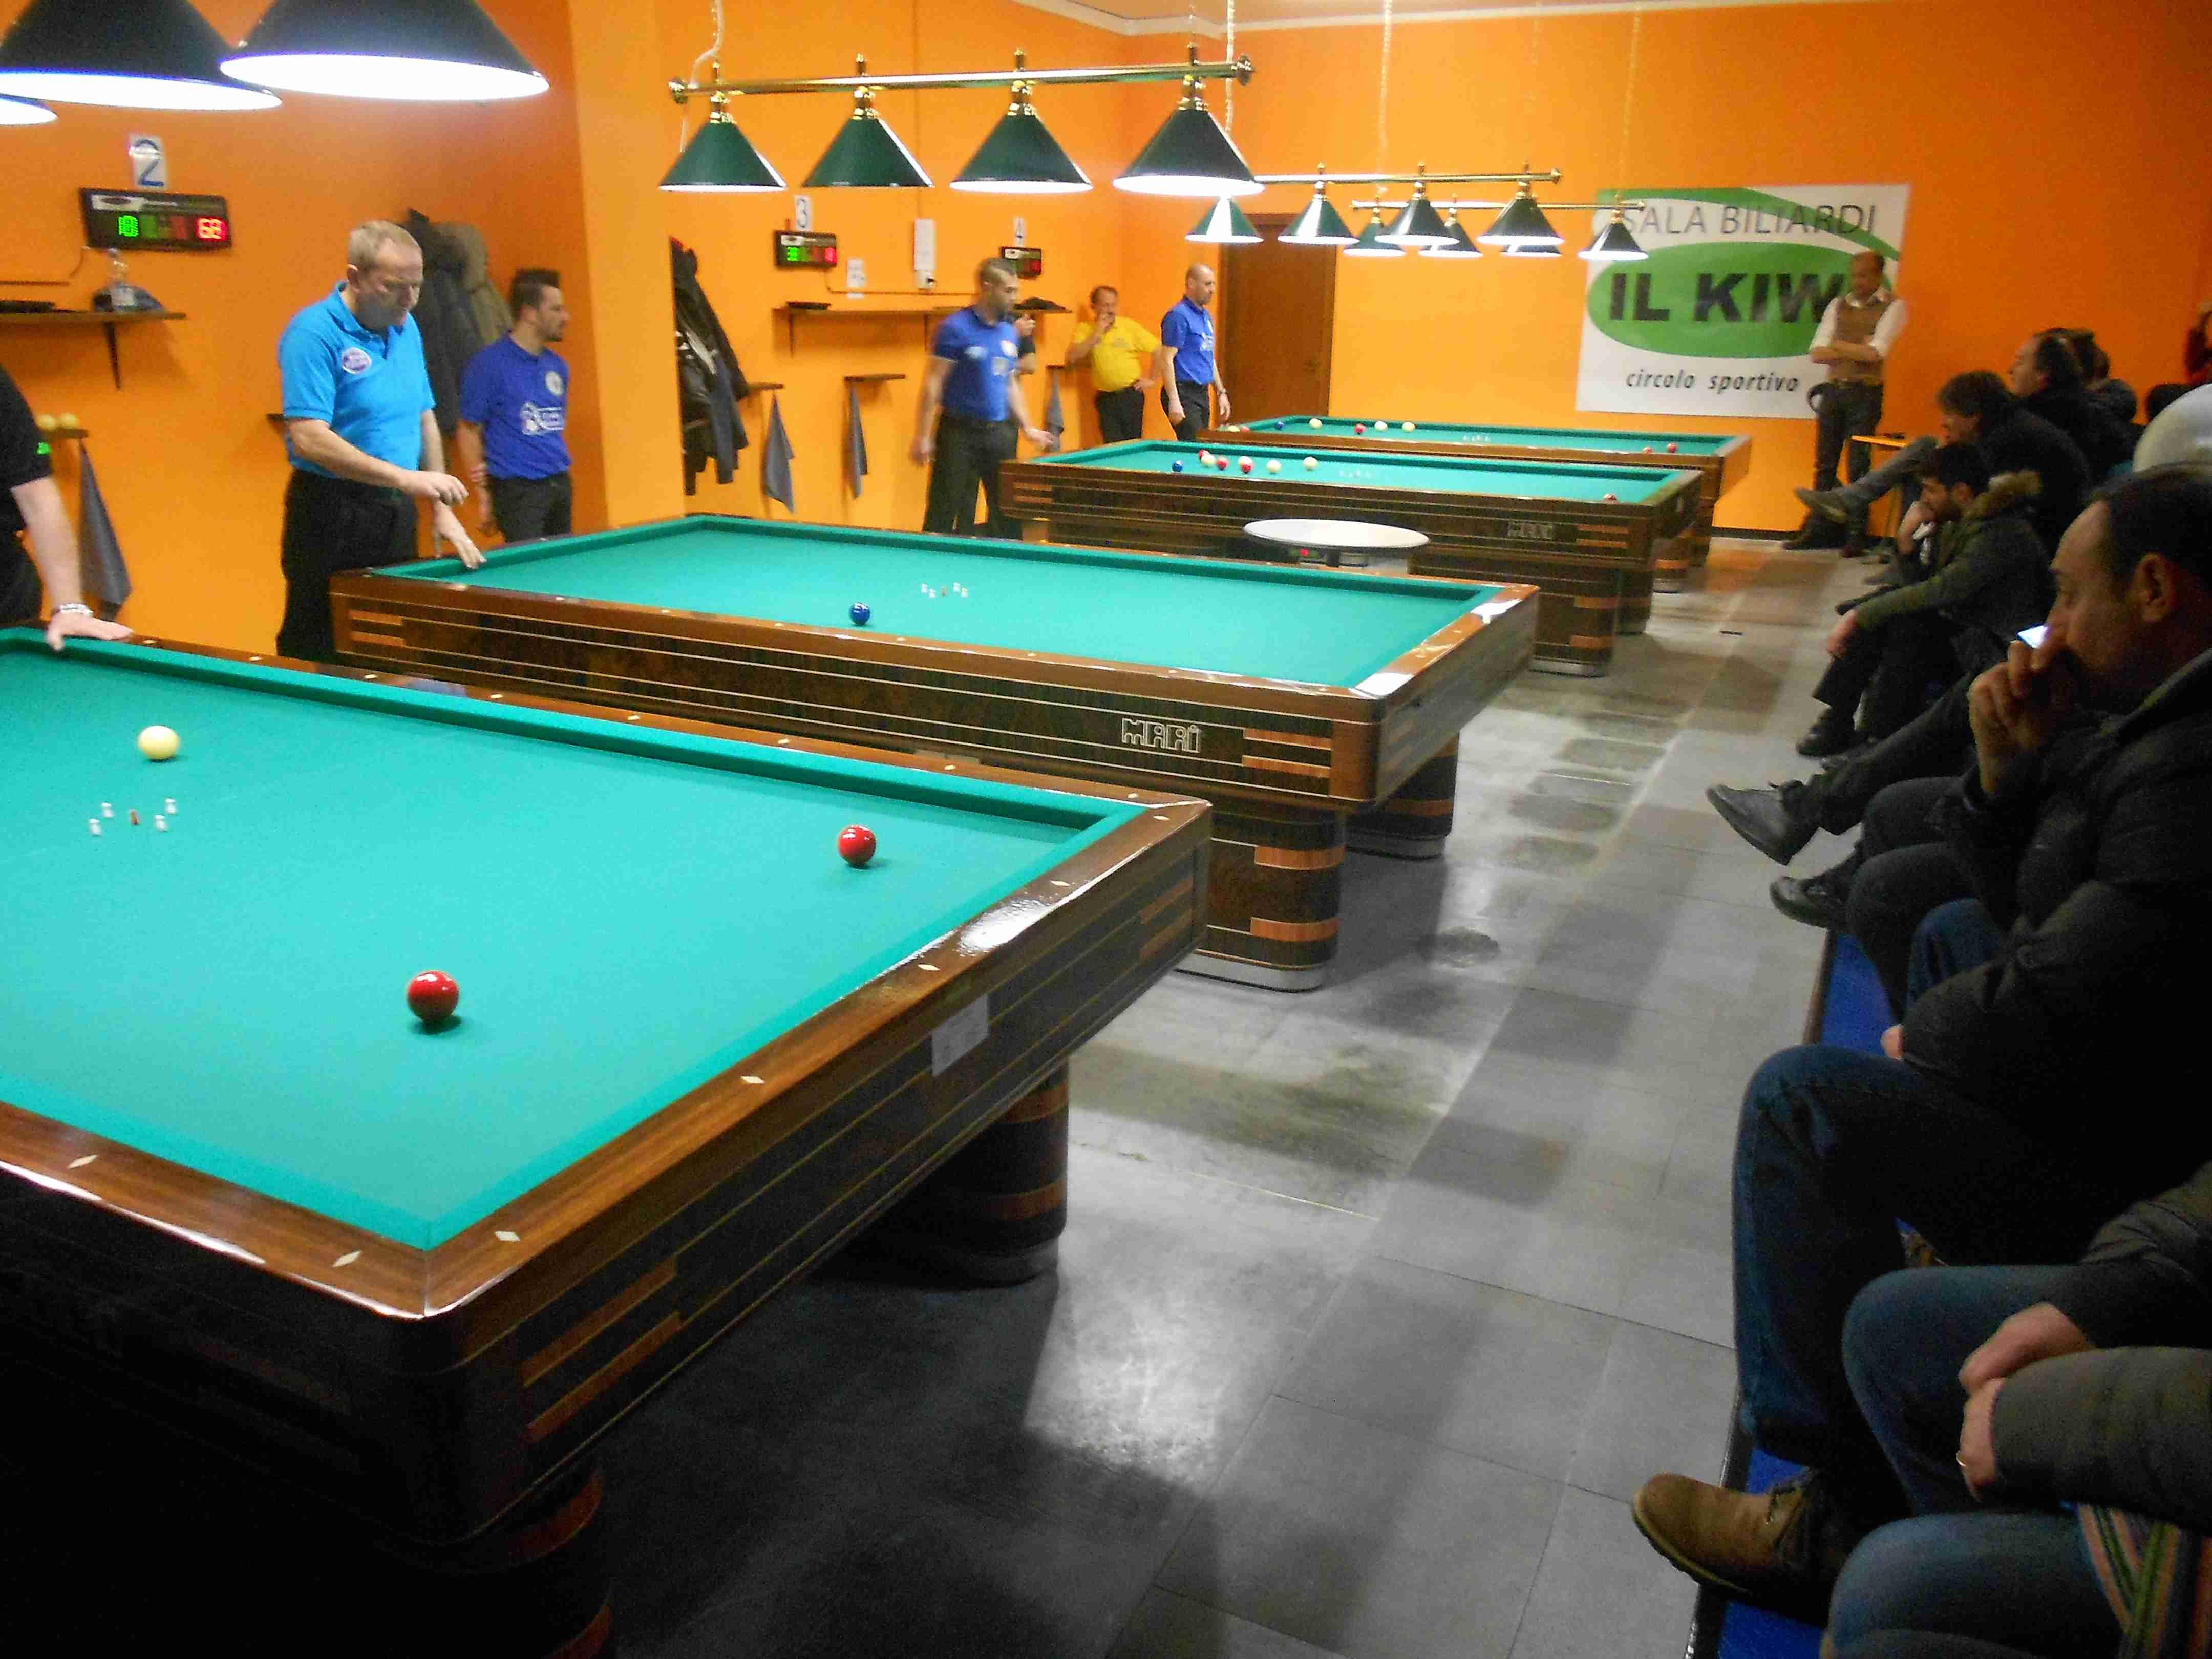 Sala Da Biliardo In Inglese : Biliardo. il circolo sportivo il kiwi di via pievaiola sarà u201cmaxi